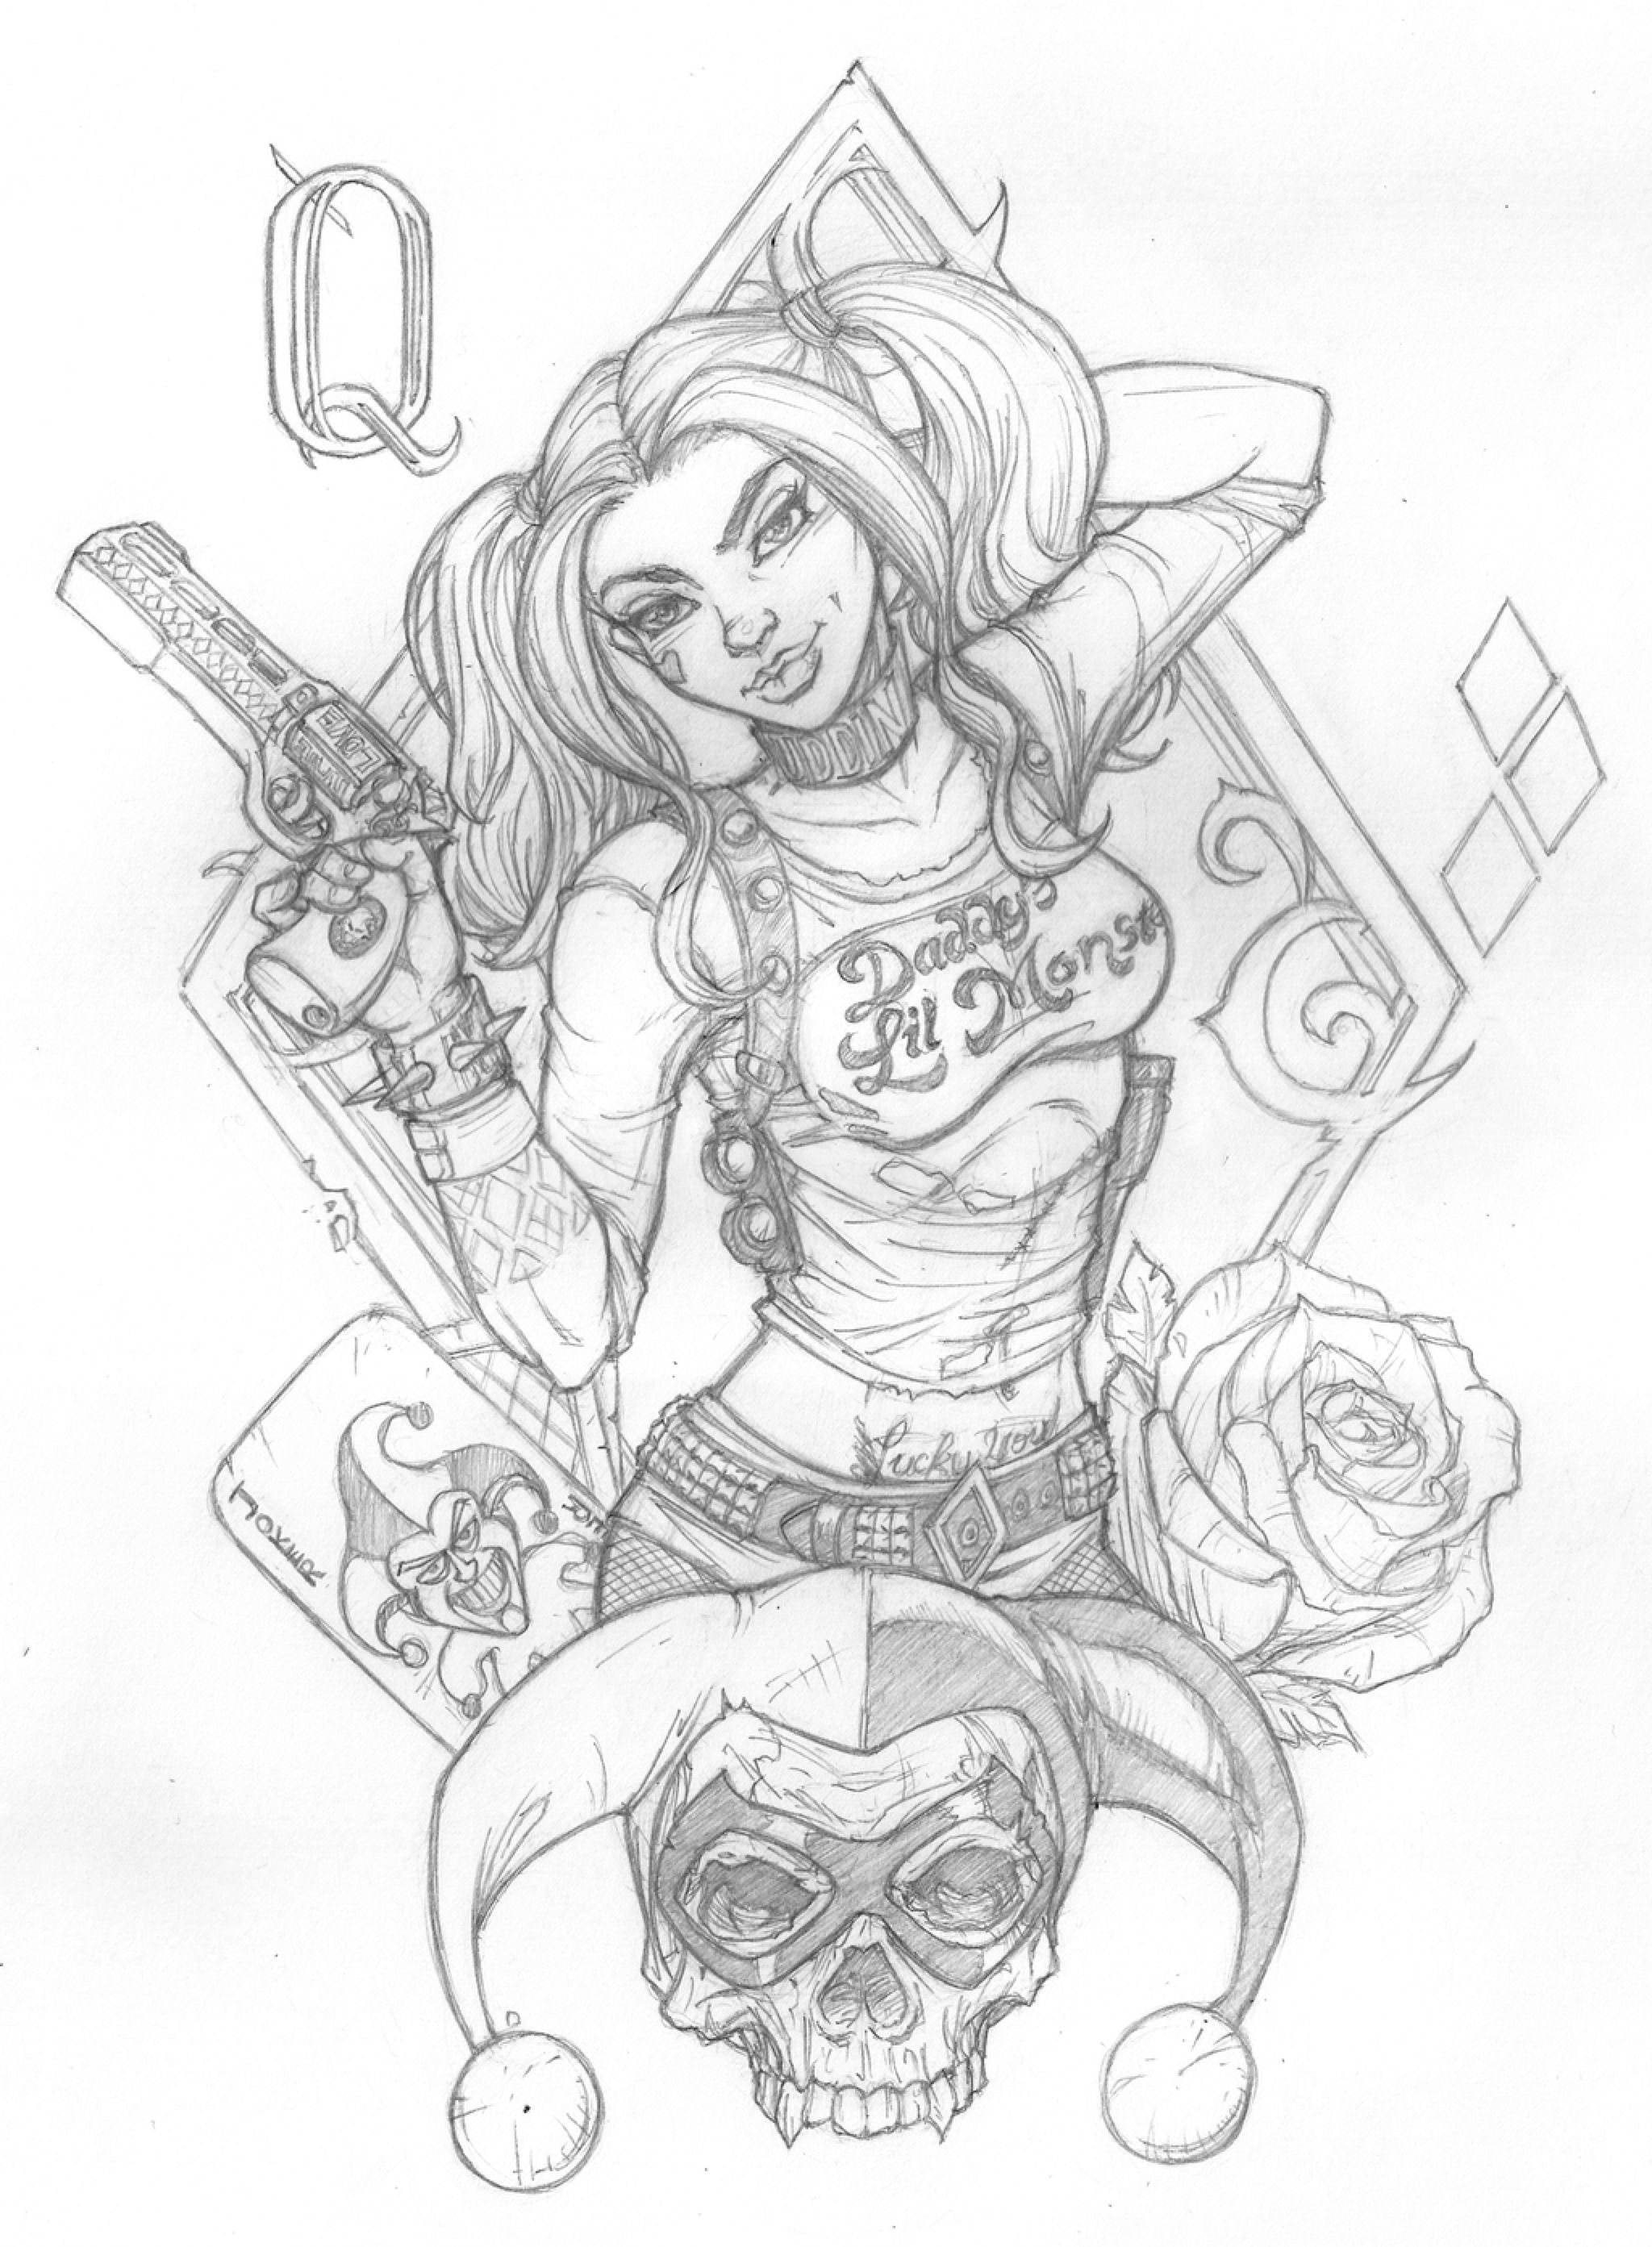 Harley Quinn Outline : harley, quinn, outline, Harley, Quinn